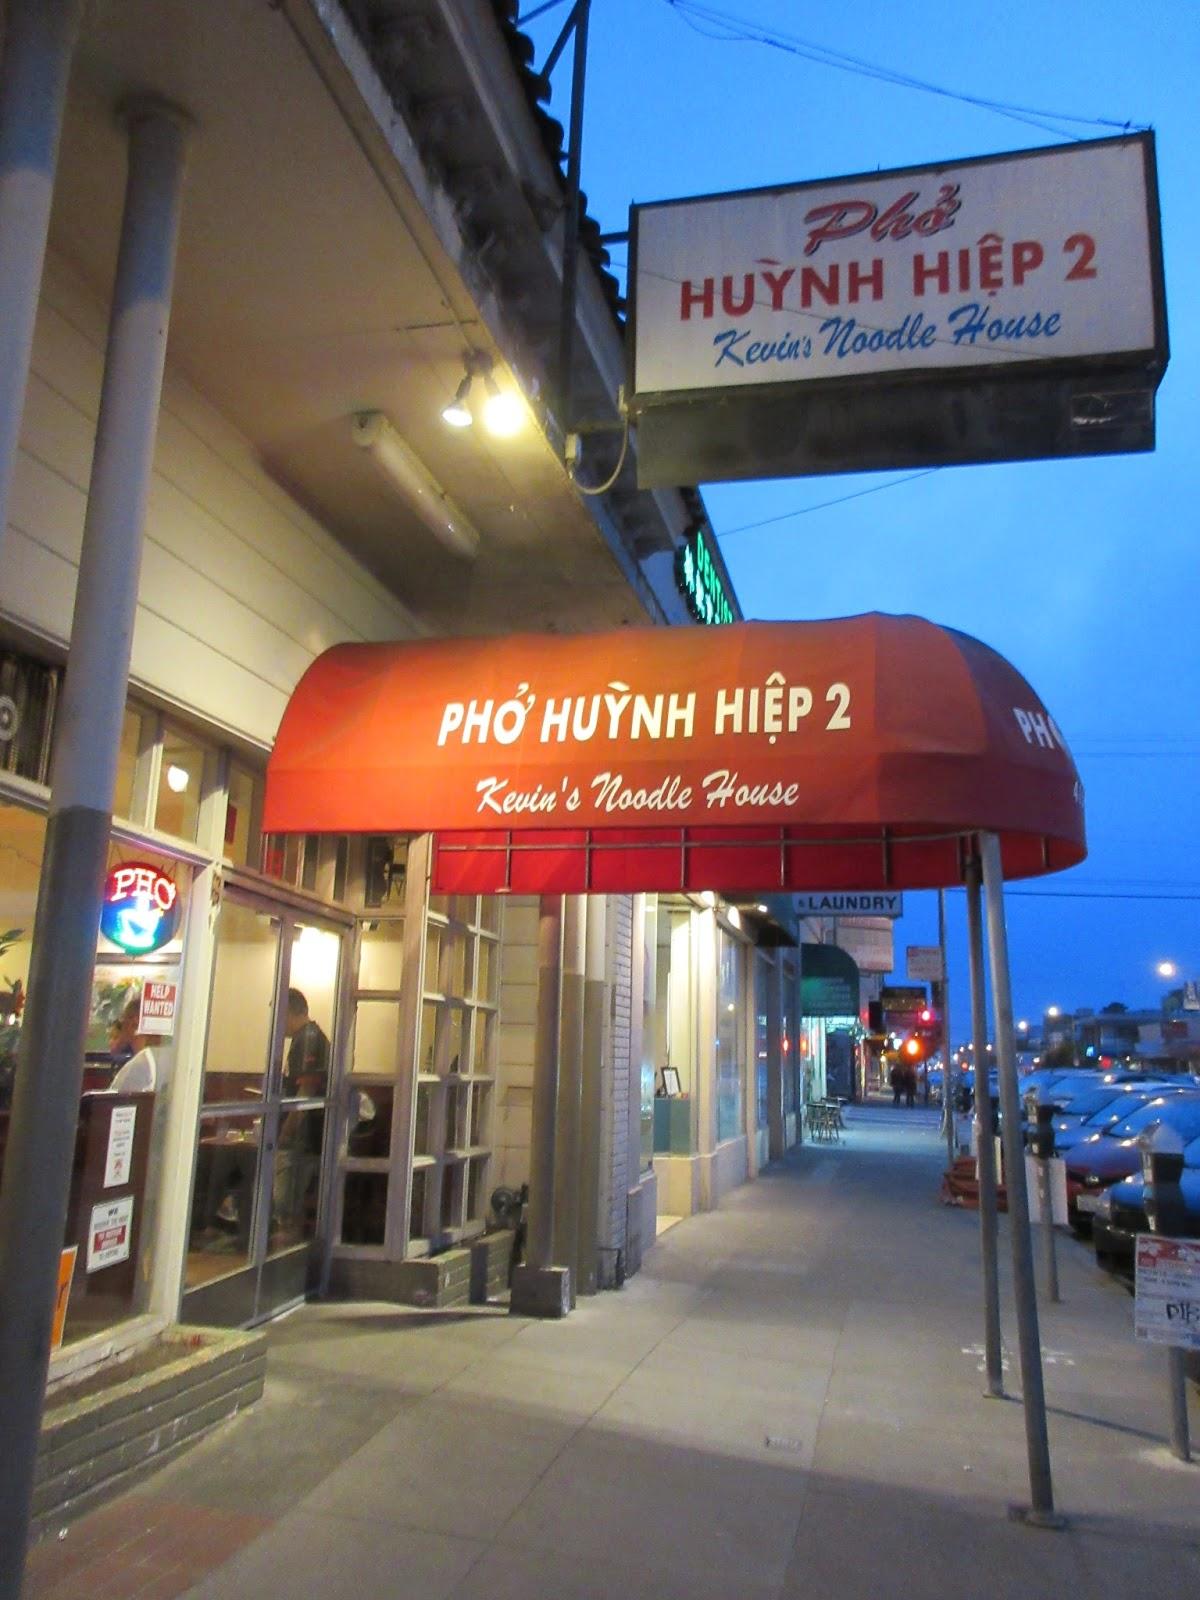 San Francisco Pho Huynh Hiep 2